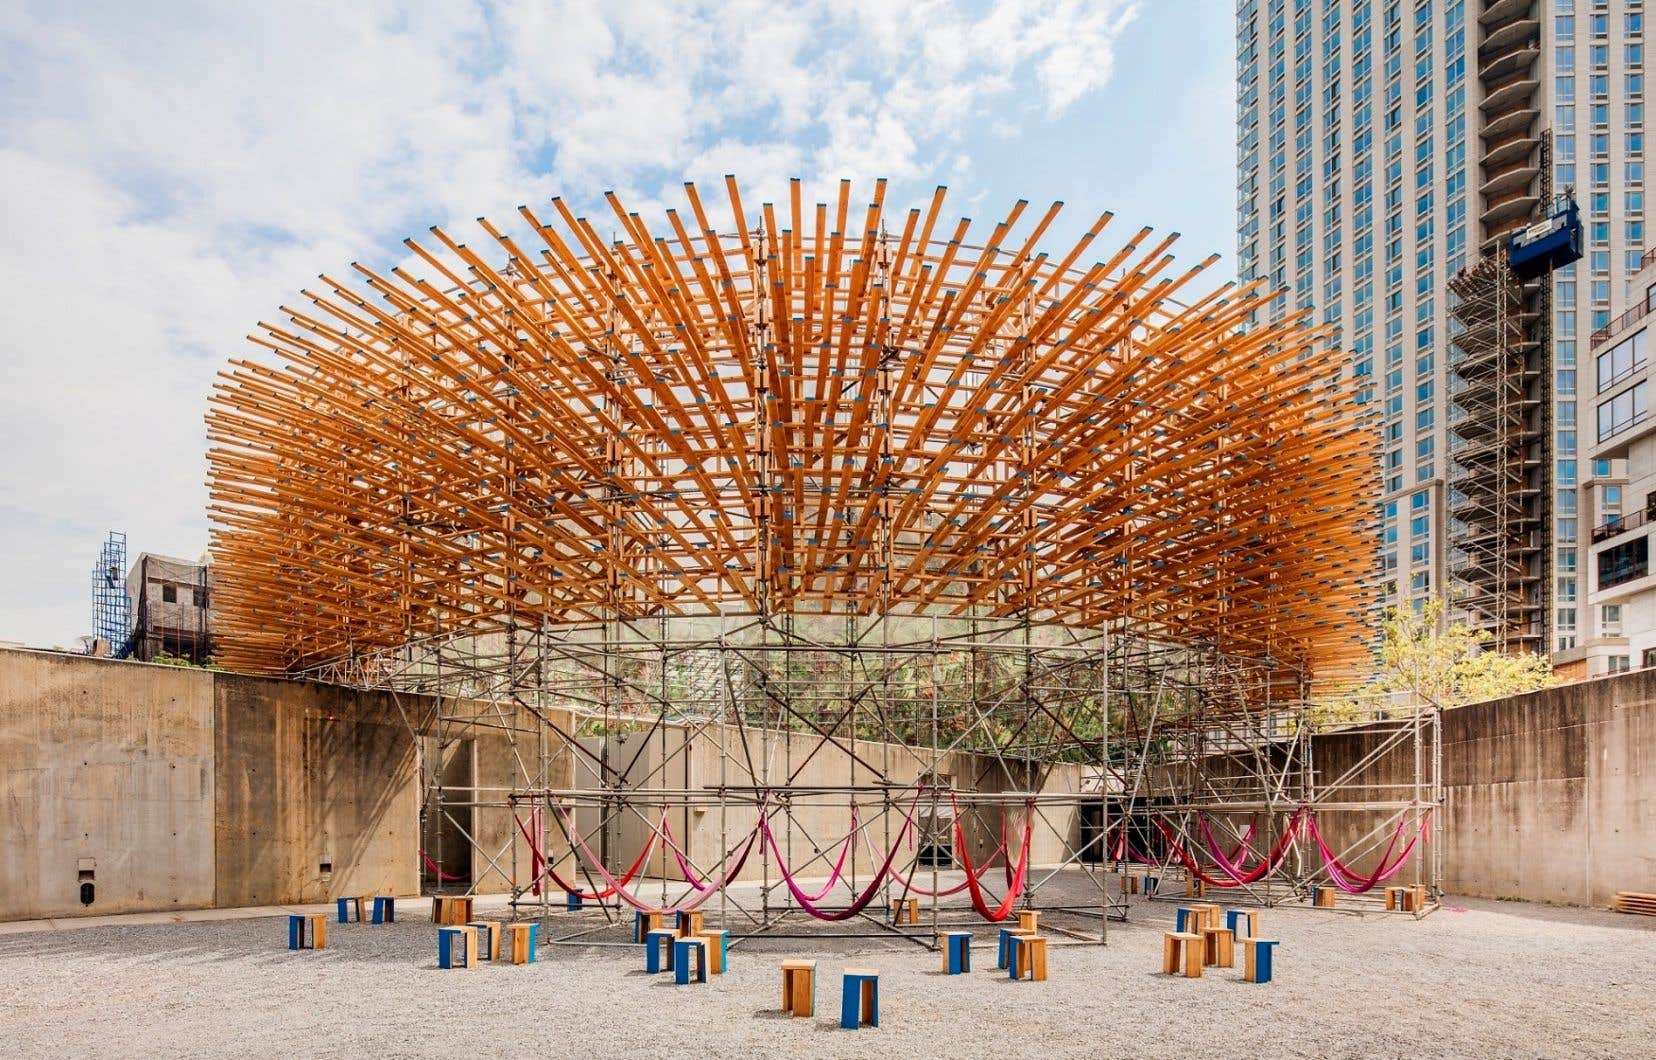 «Hórama Rama», par Ana Paula Ruiz Galindo, et Mecky Reuss de Pedro Juana, est le projet gagnant du Young Architects Program 2019 du MoMa. Un exemple à suivre.